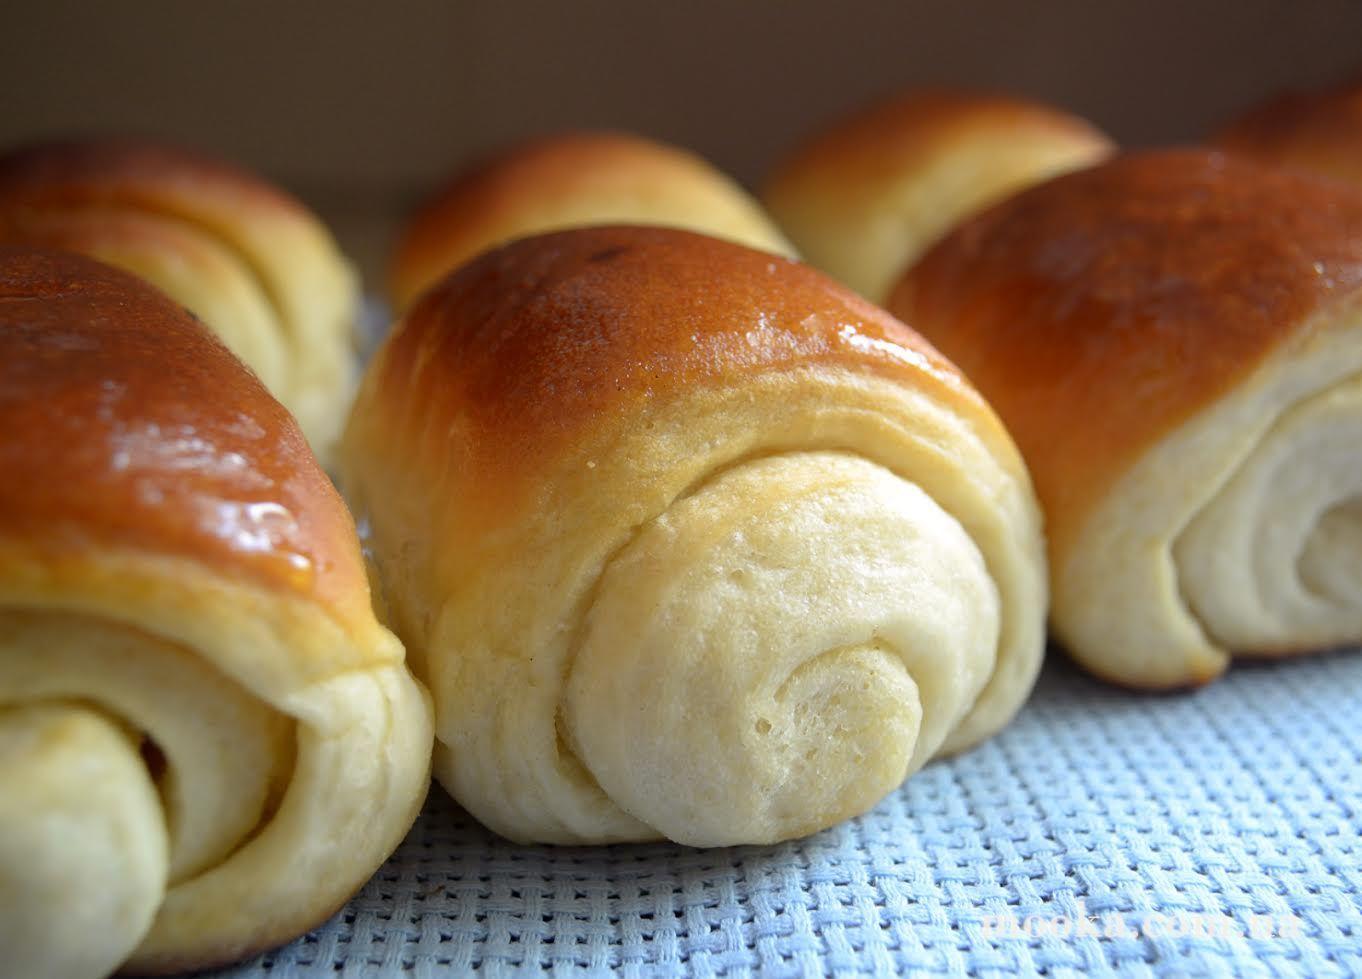 для наших формирование булочек с начинкой фото тоже решили поучавствовать